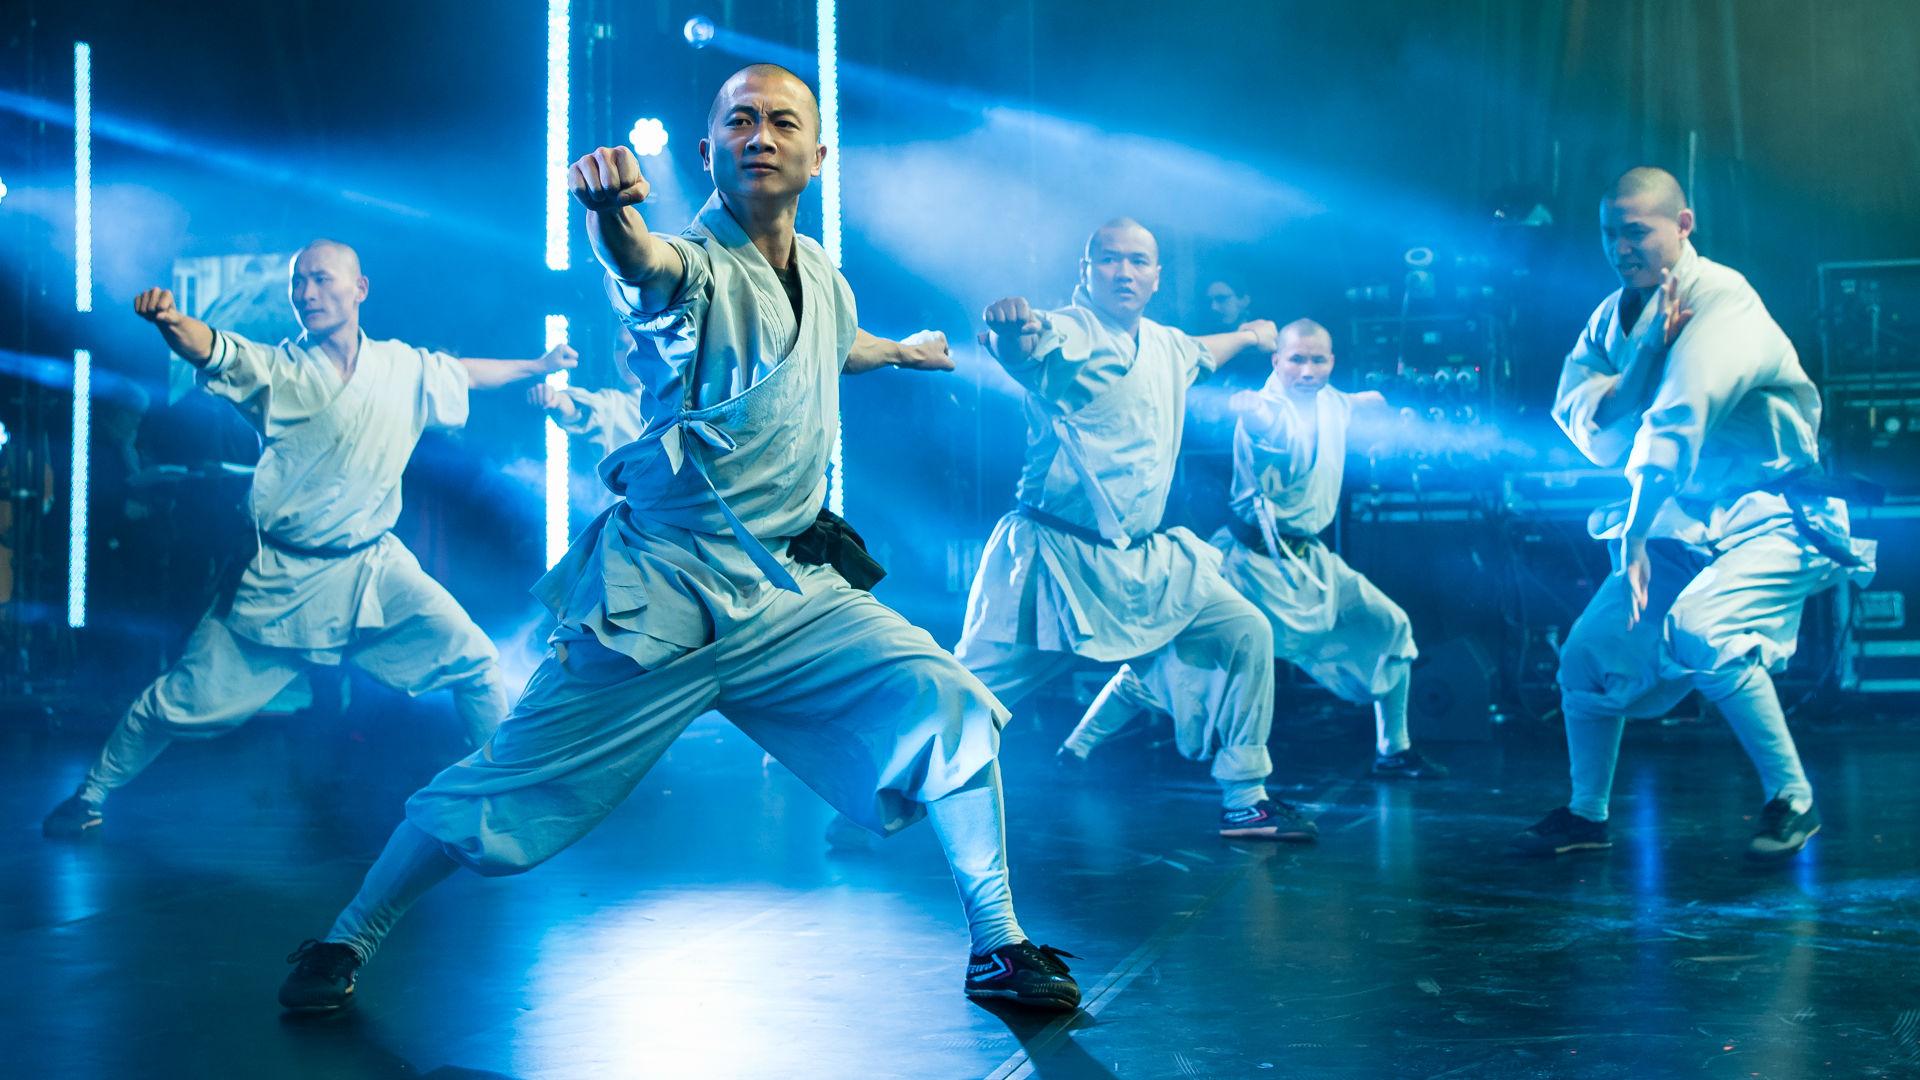 Kung fu at Chinese New Year 2017. Photo by: Jon Mo